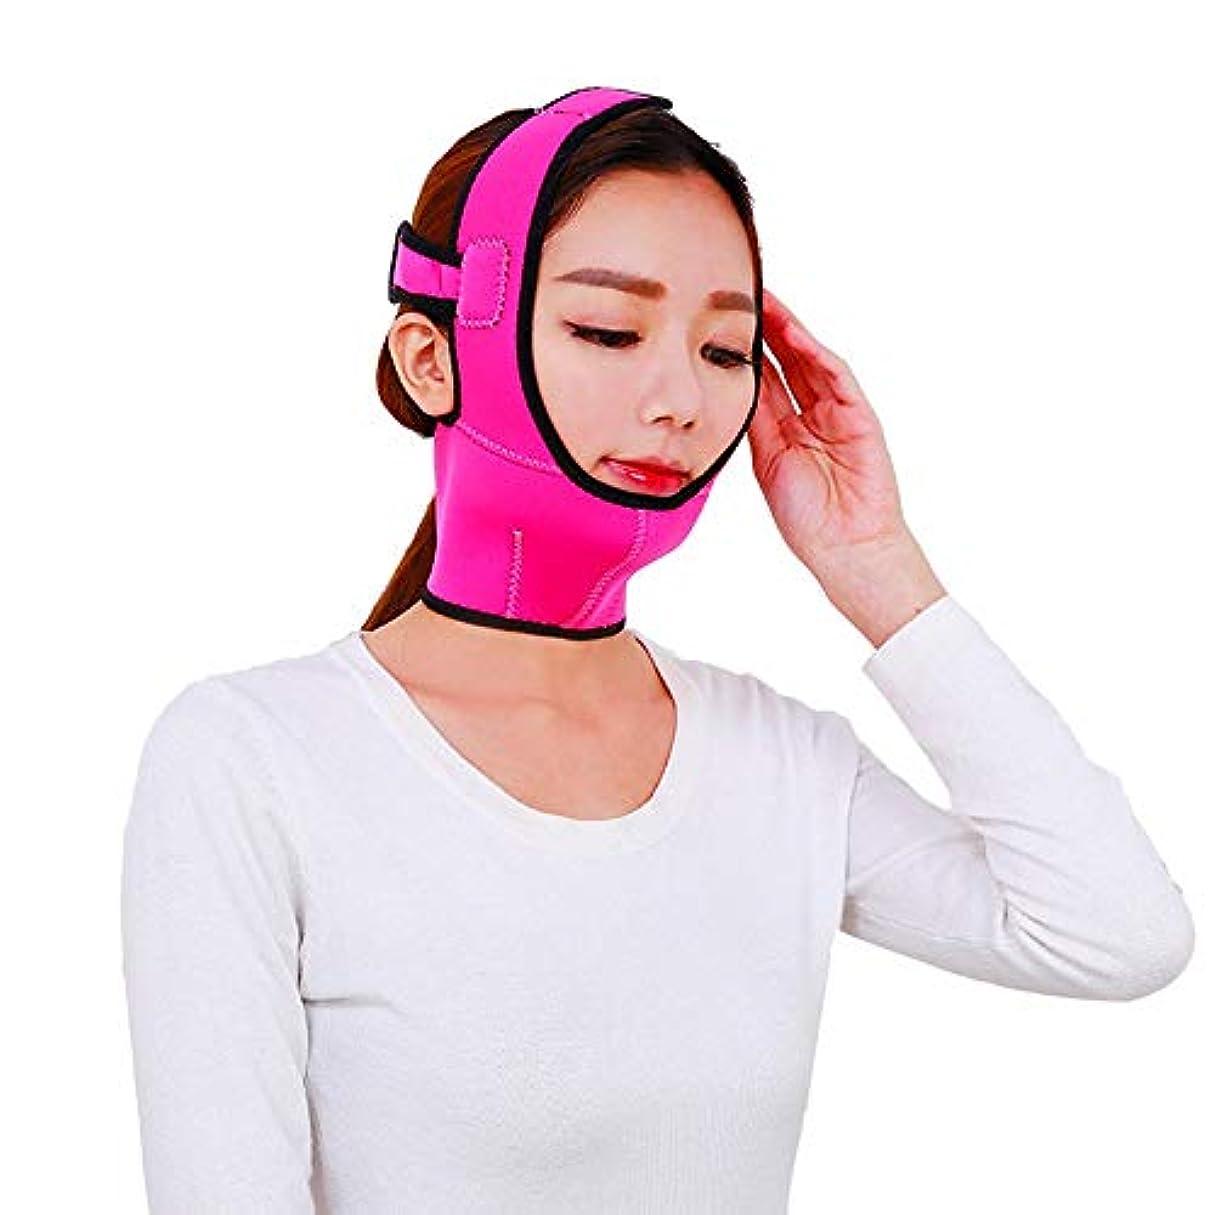 出撃者腹爵フェイスリフトベルト 顔を持ち上げるベルト通気性の顔面リフティング包帯ダブルチン顔面リフティングマスクを締めるV顔面顔面リフレッシングツール